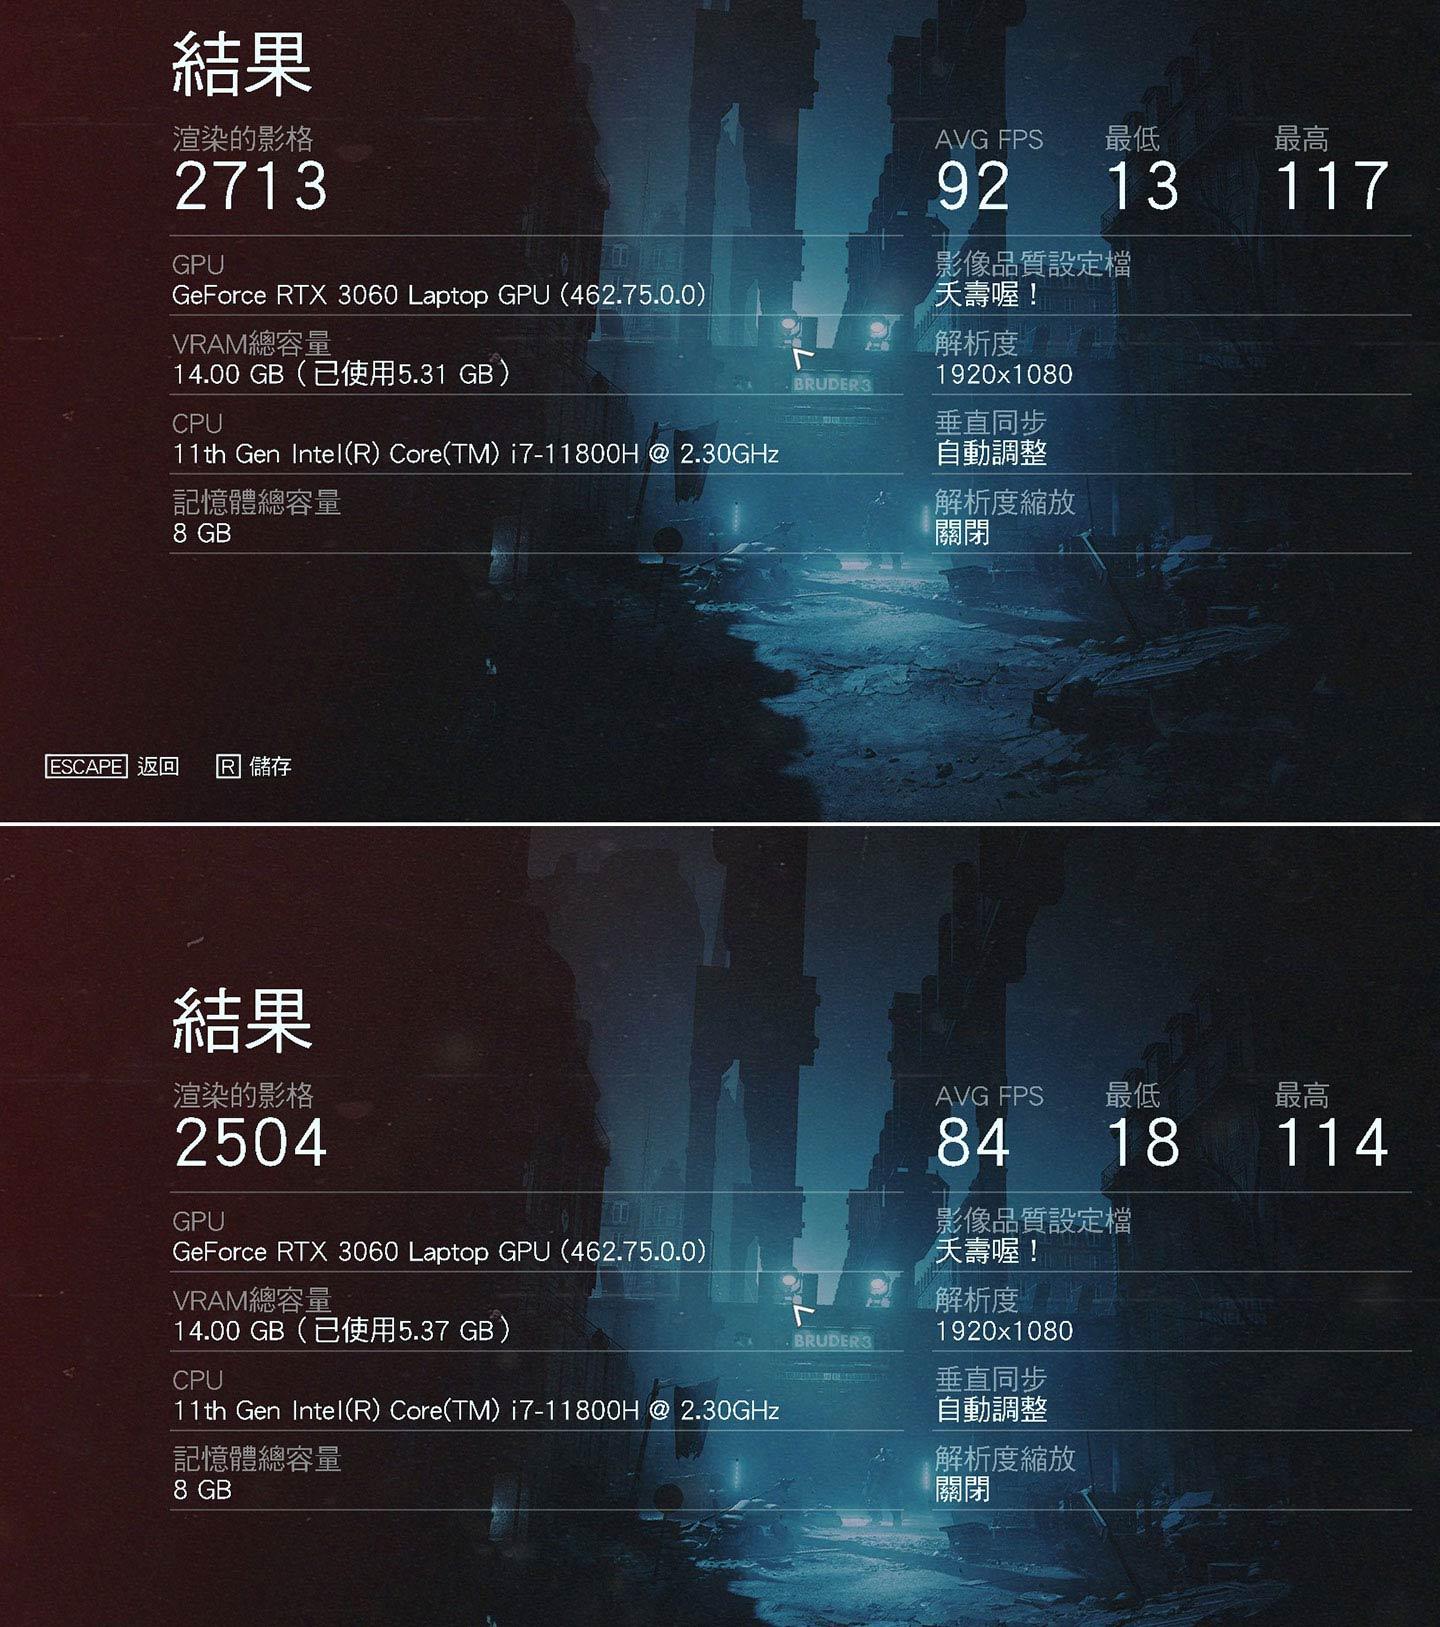 上述相同的設定,將光線追蹤開啟後,兩個實測場景平均獲得 92 與 84 幀數的成績。